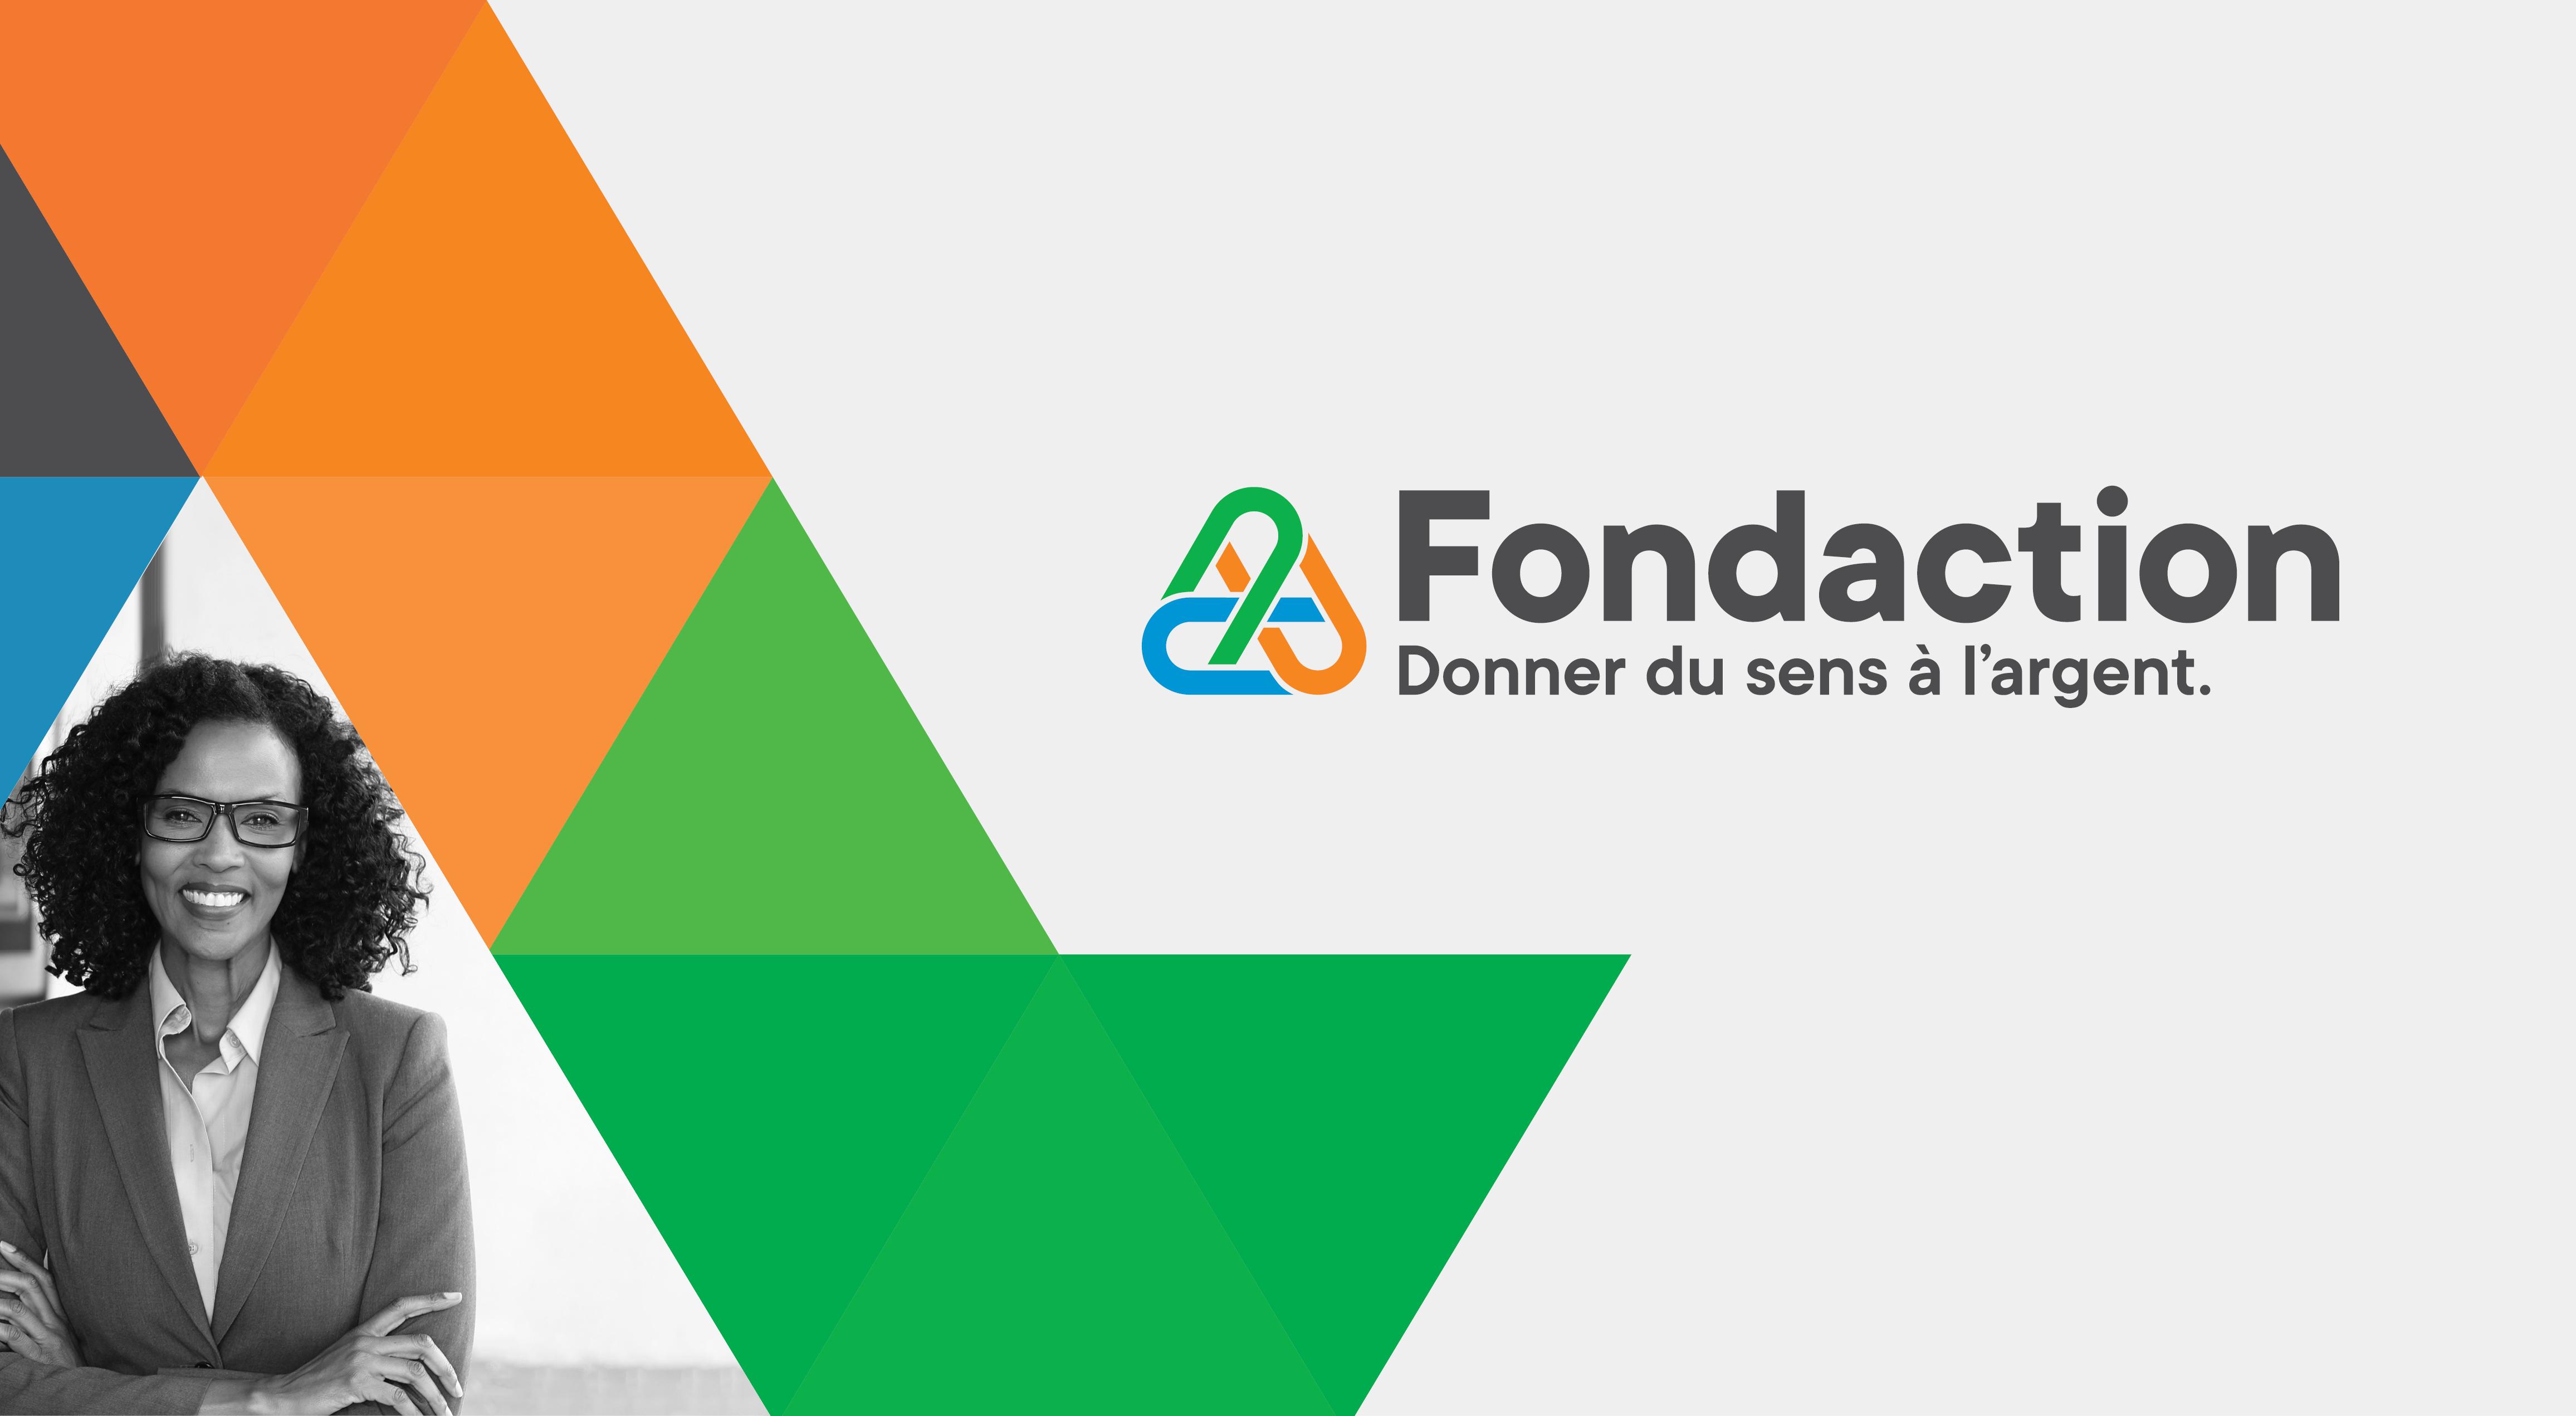 fond6